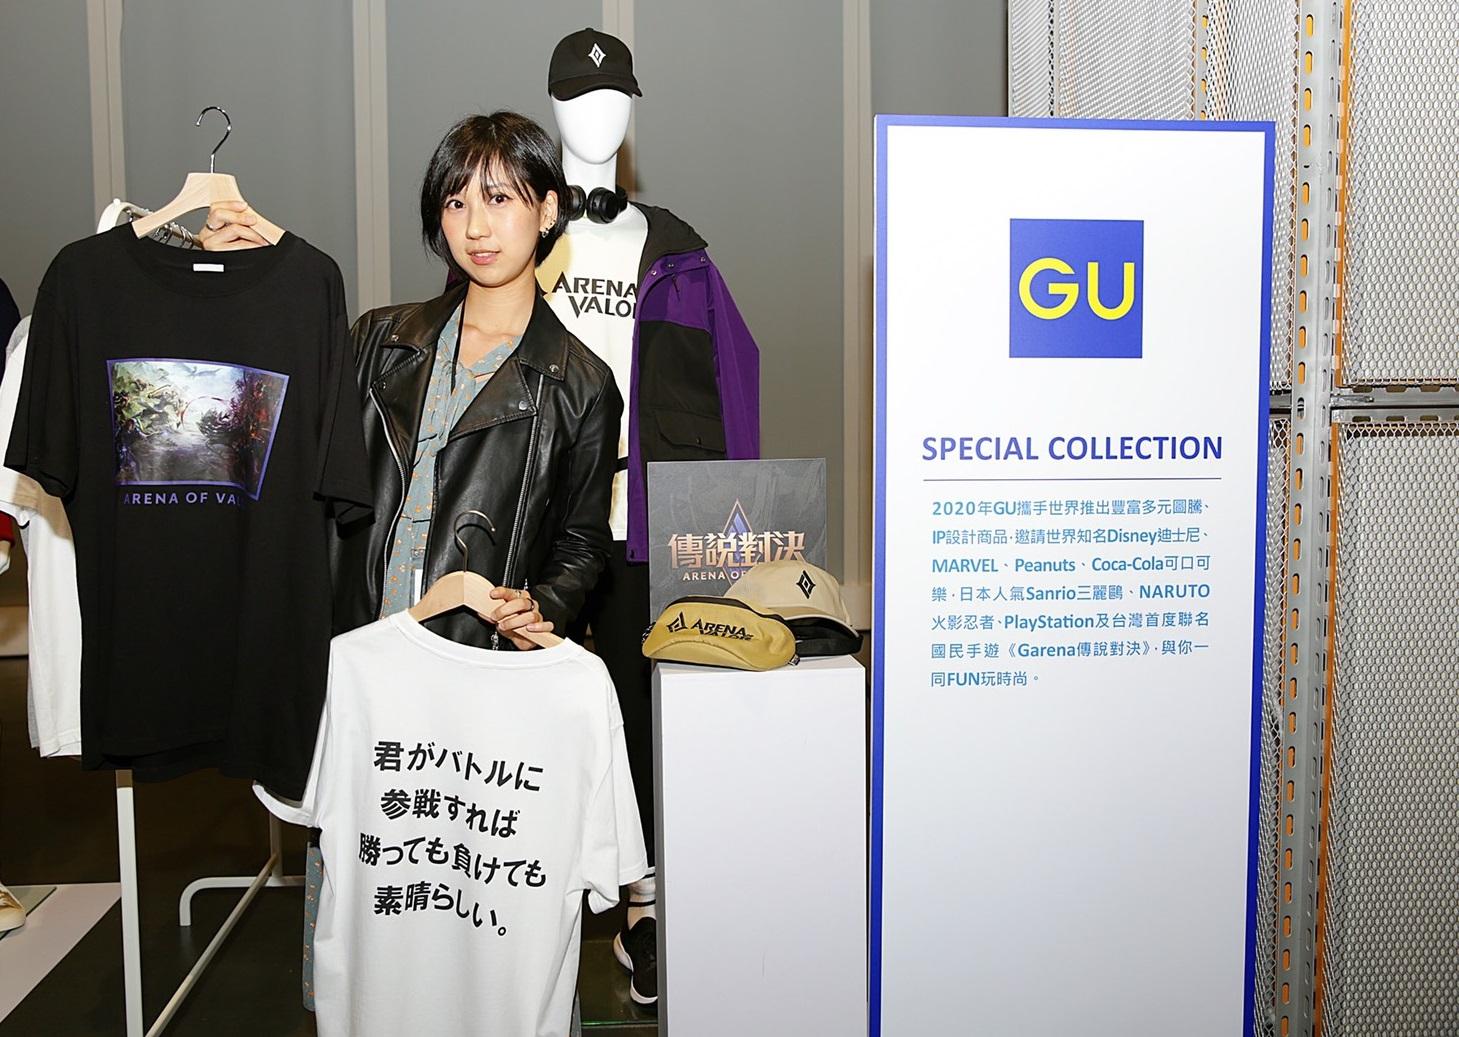 ▲GU時尚顧問推薦融合經典的「團戰有你在,勝負都精彩」作為主要設計元素,搭配來自日本設計師的巧思的聯名系列服飾